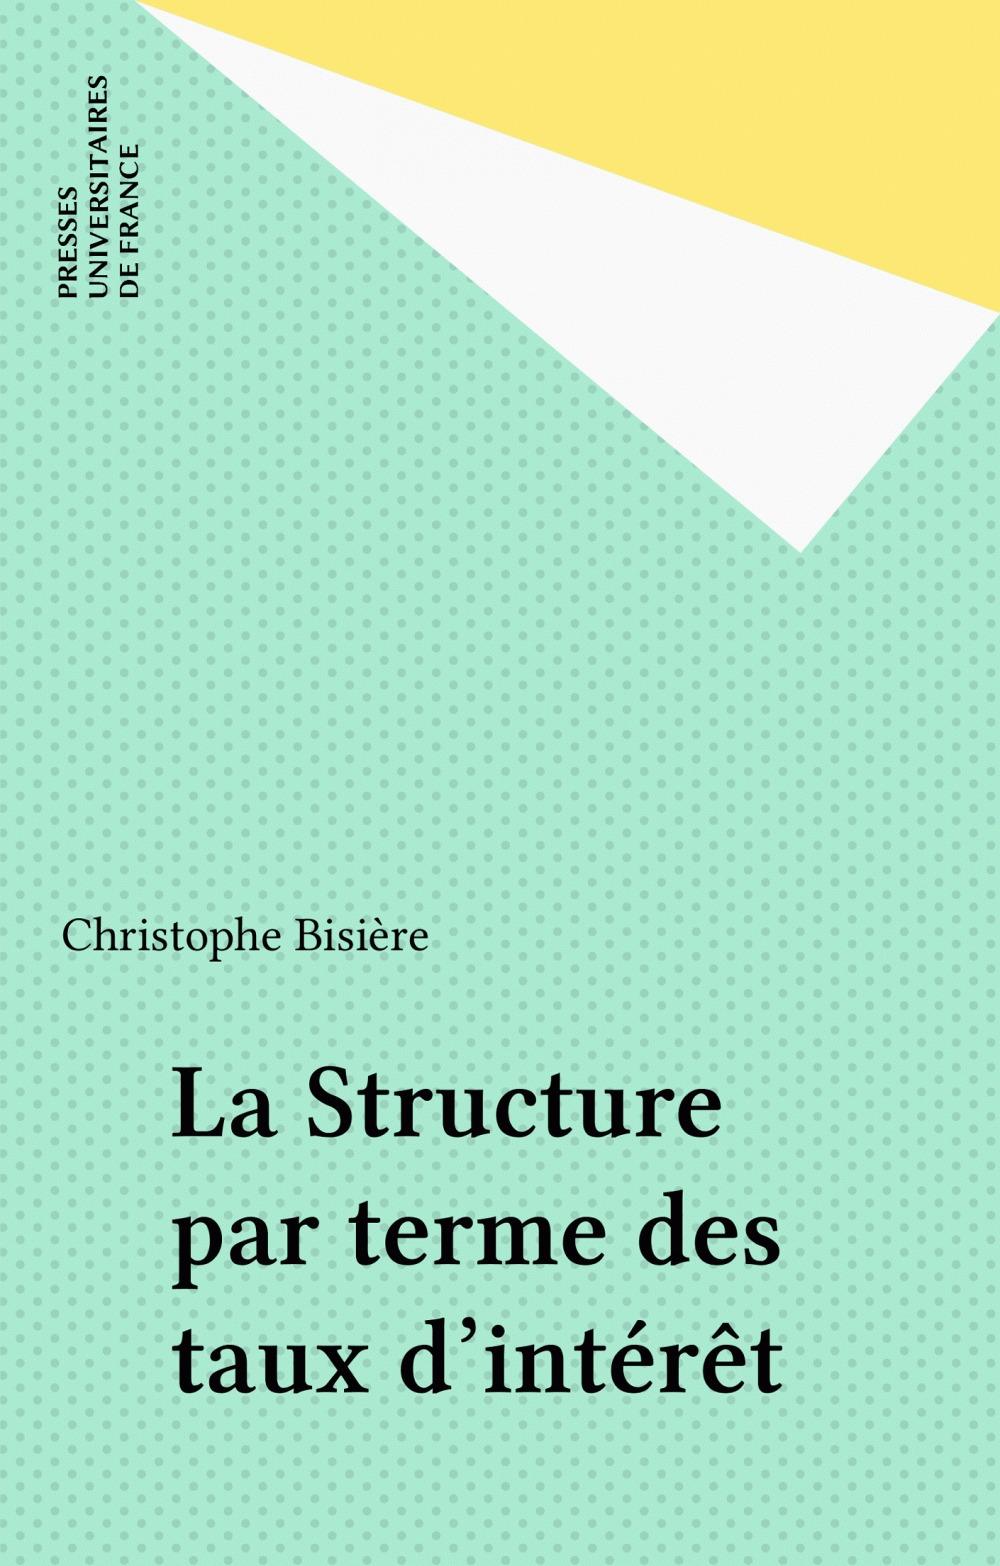 La Structure par terme des taux d'intérêt